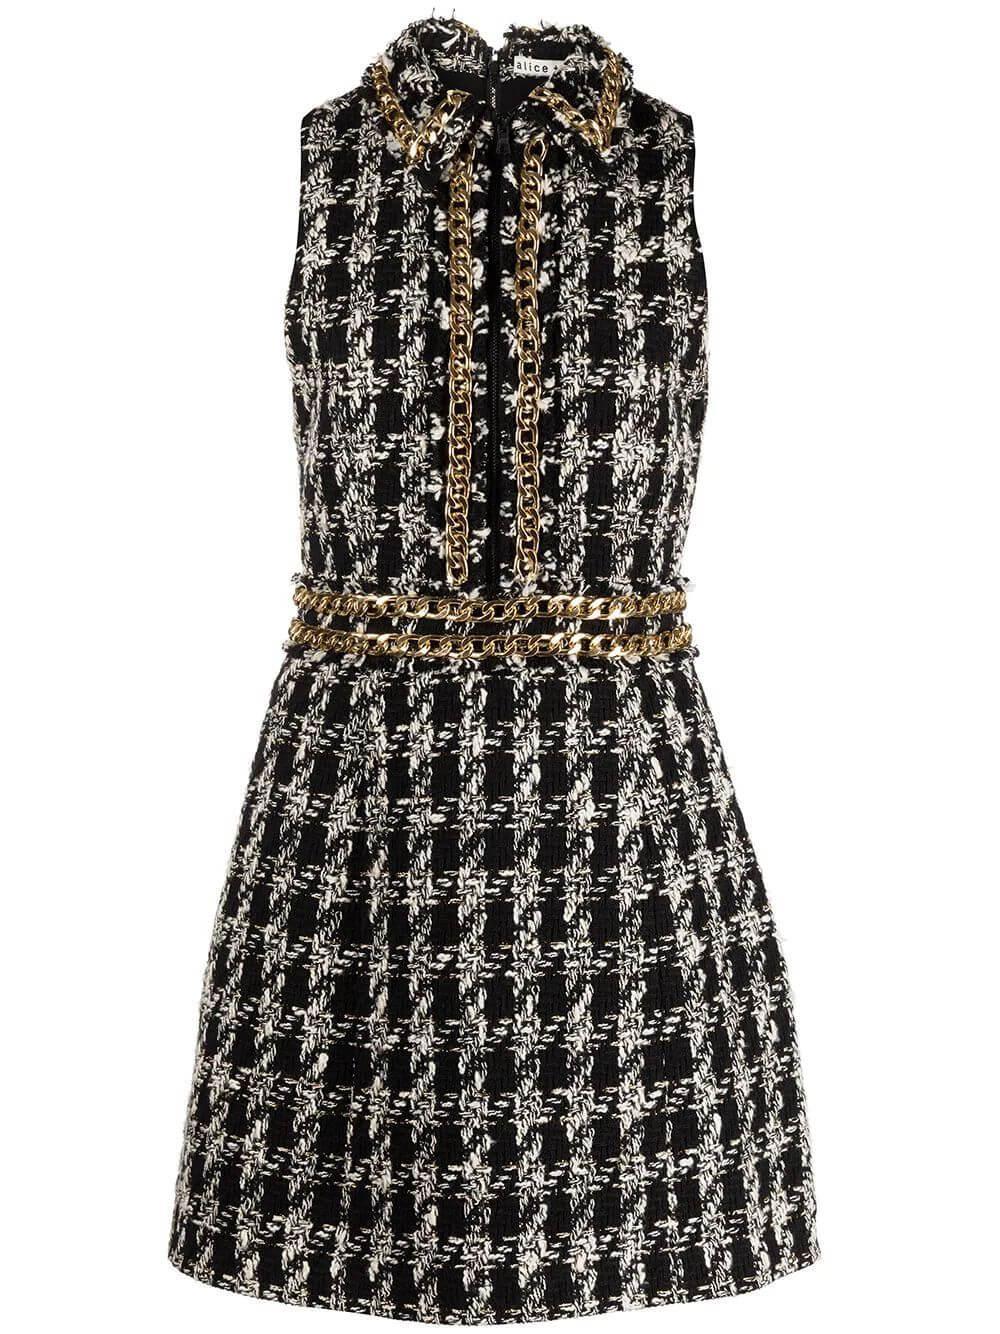 Ellis Chain Trim Mini Dress Item # CC109O07520